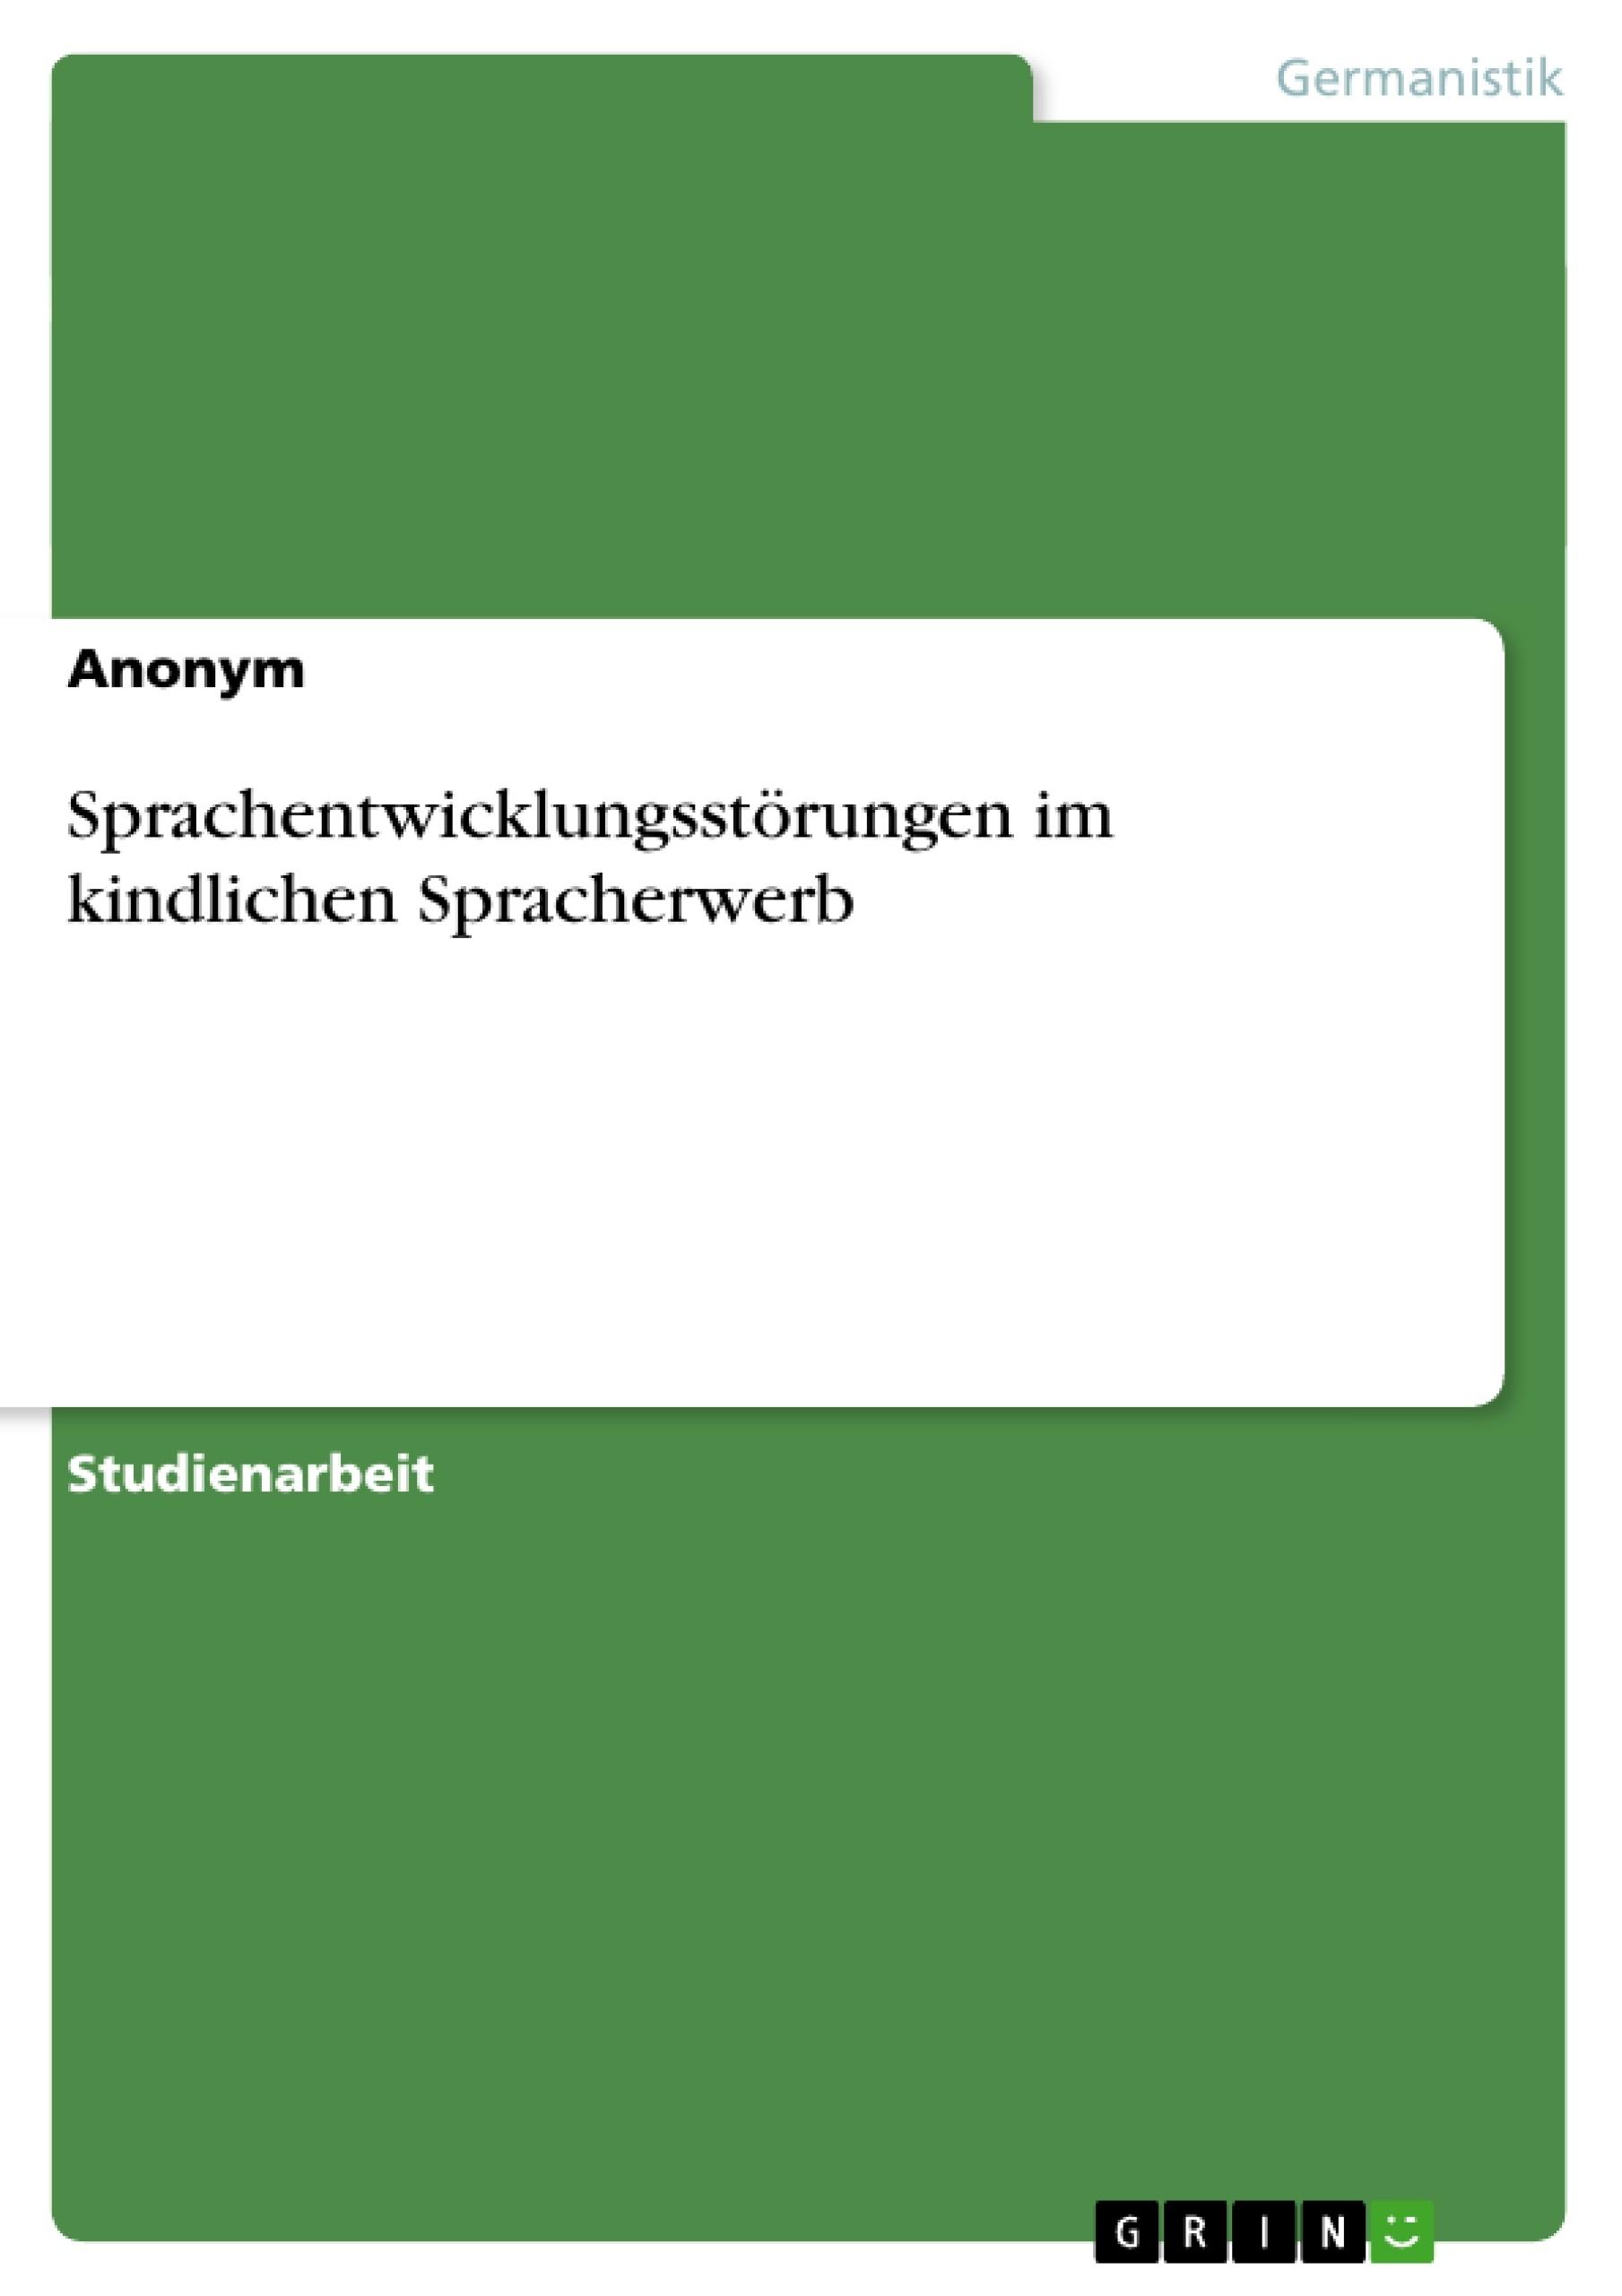 Titel: Sprachentwicklungsstörungen im kindlichen Spracherwerb